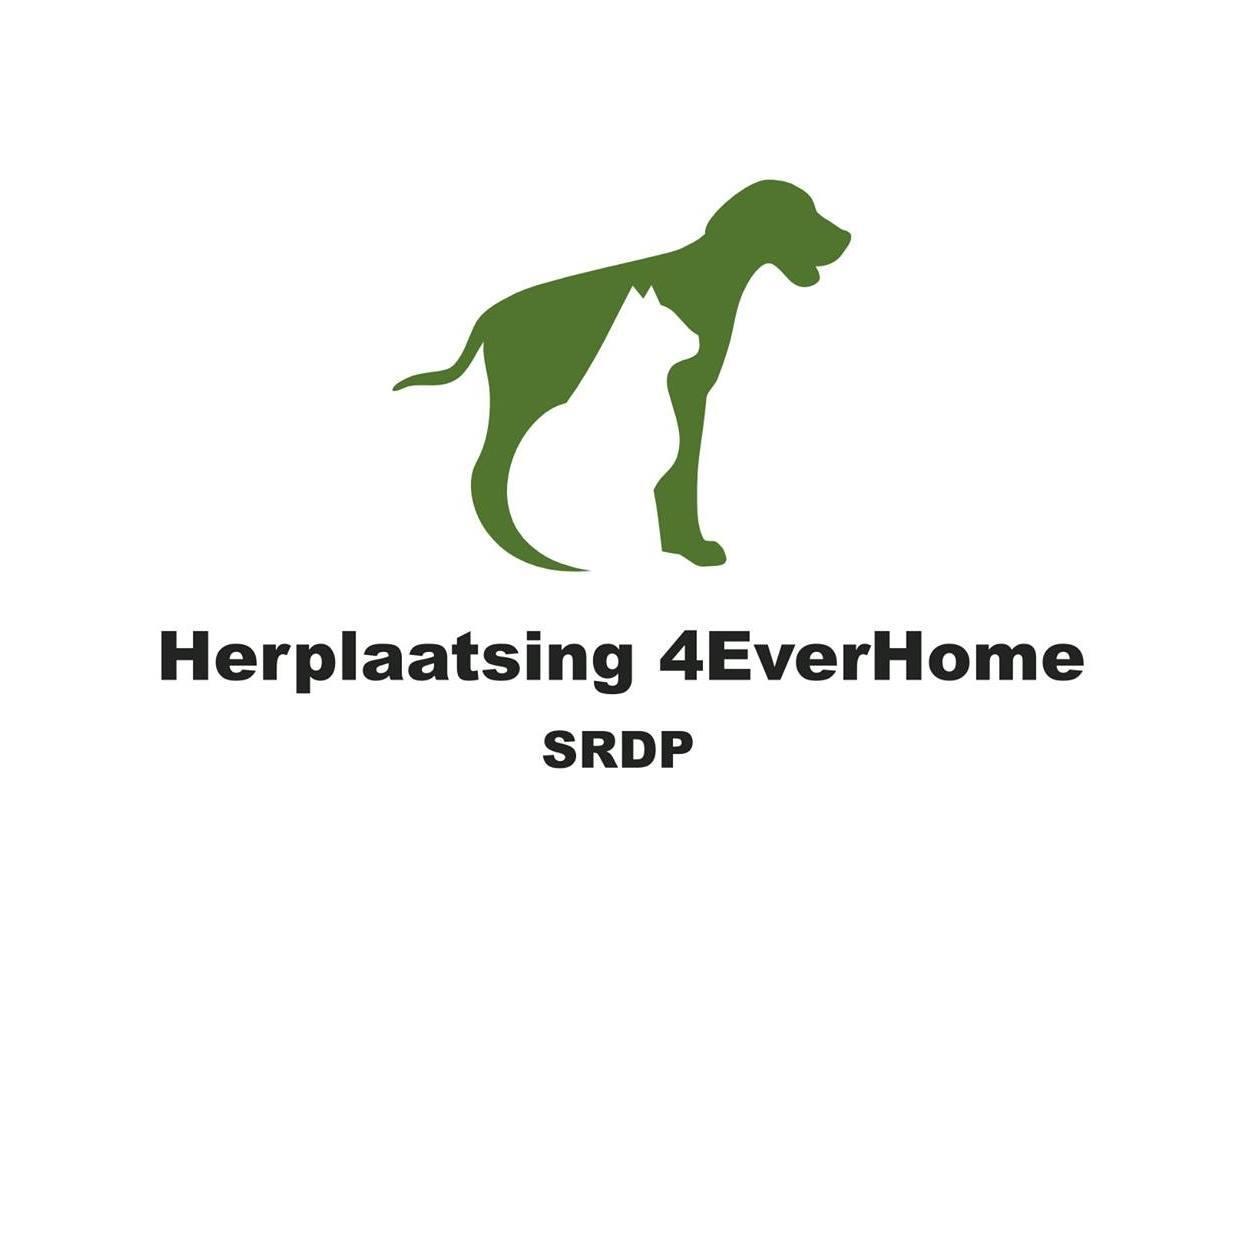 HERPLAATSING 4 EVER HOME (SRDP)